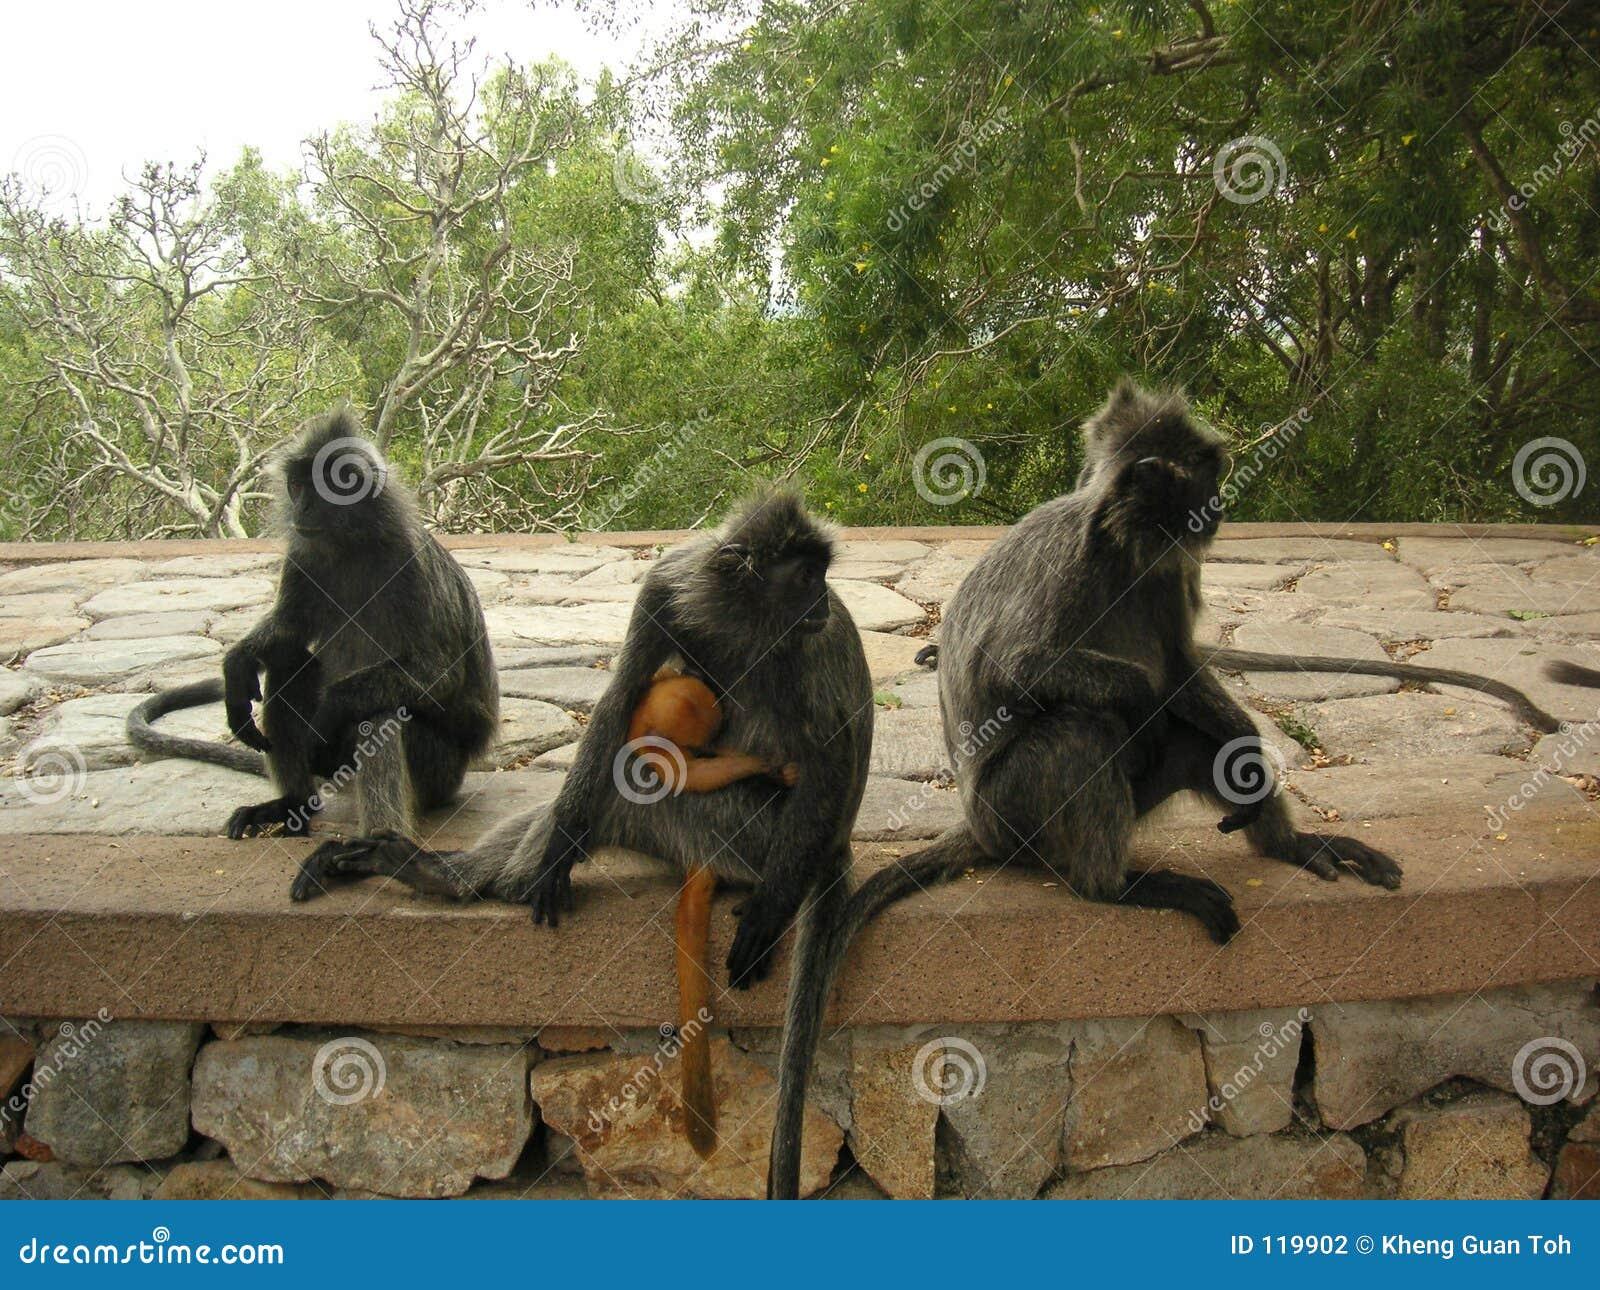 Troop of monkies